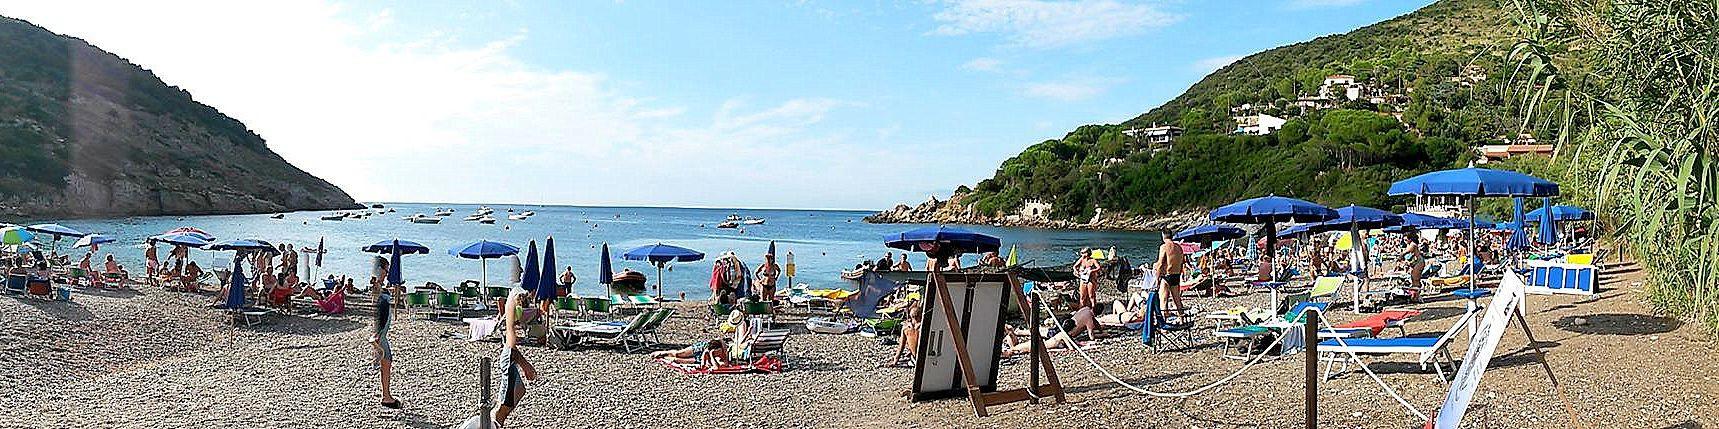 Nisporto, typická oblázková pláž